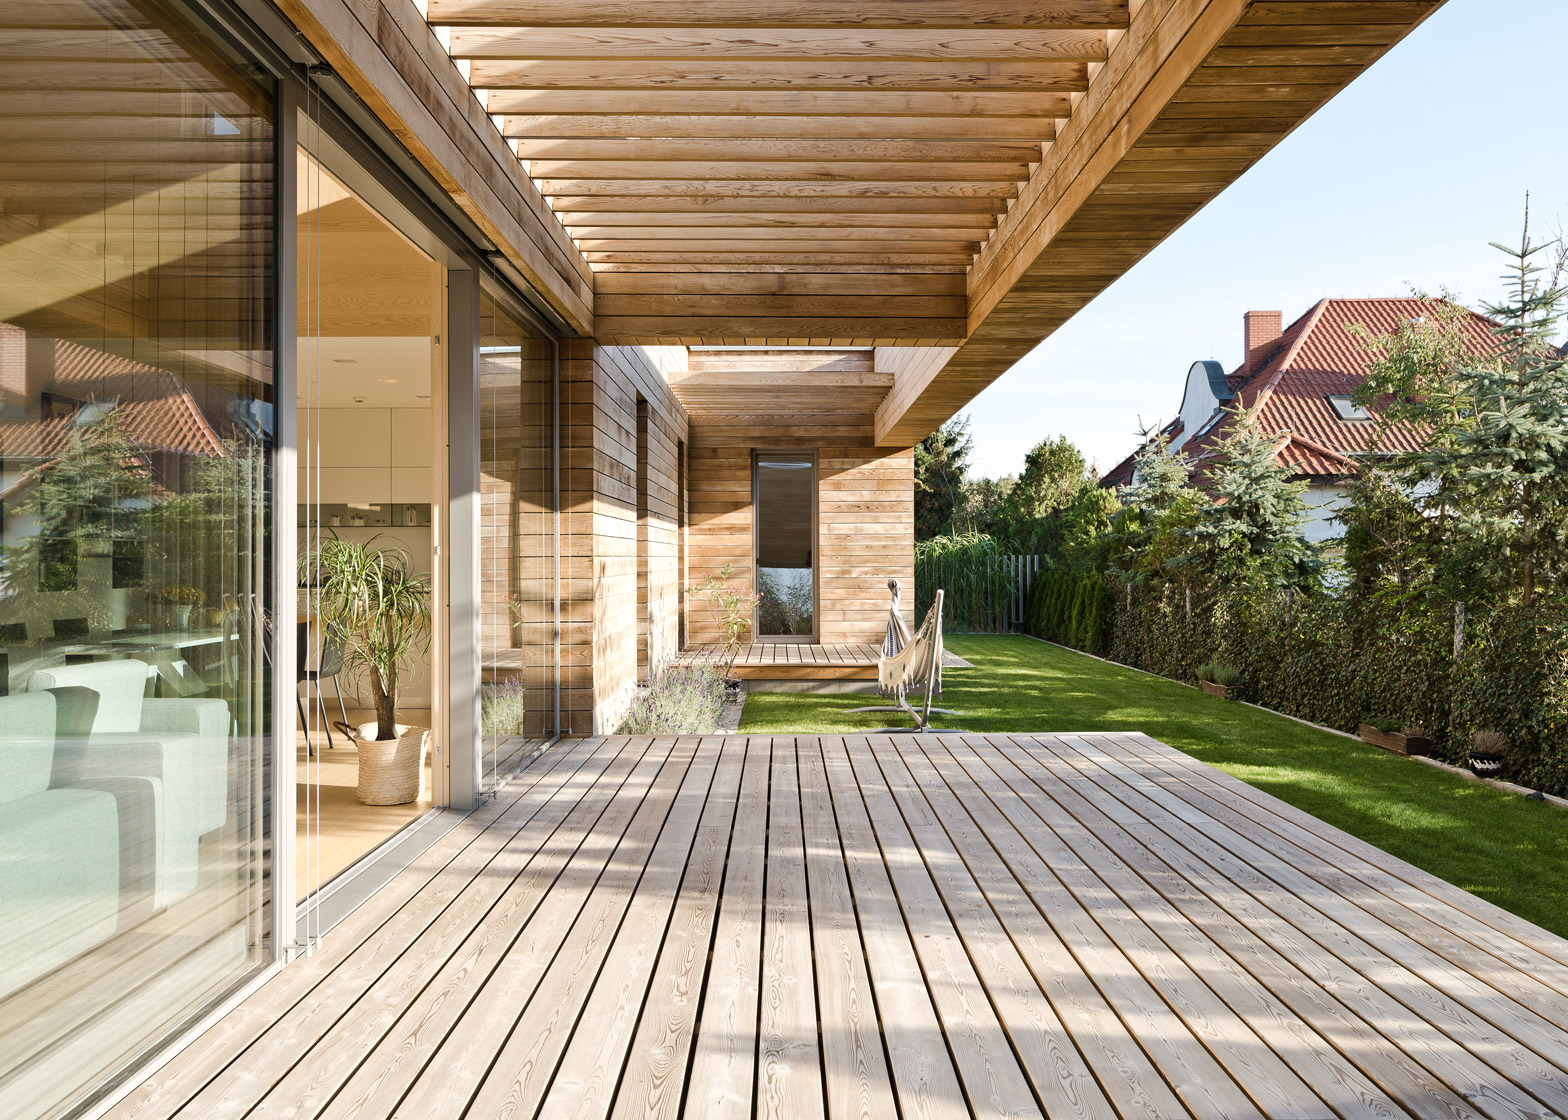 Cedar House by Pracownia Projektowa Mariusz Wrzeszcz, a residential architecture project in Poland